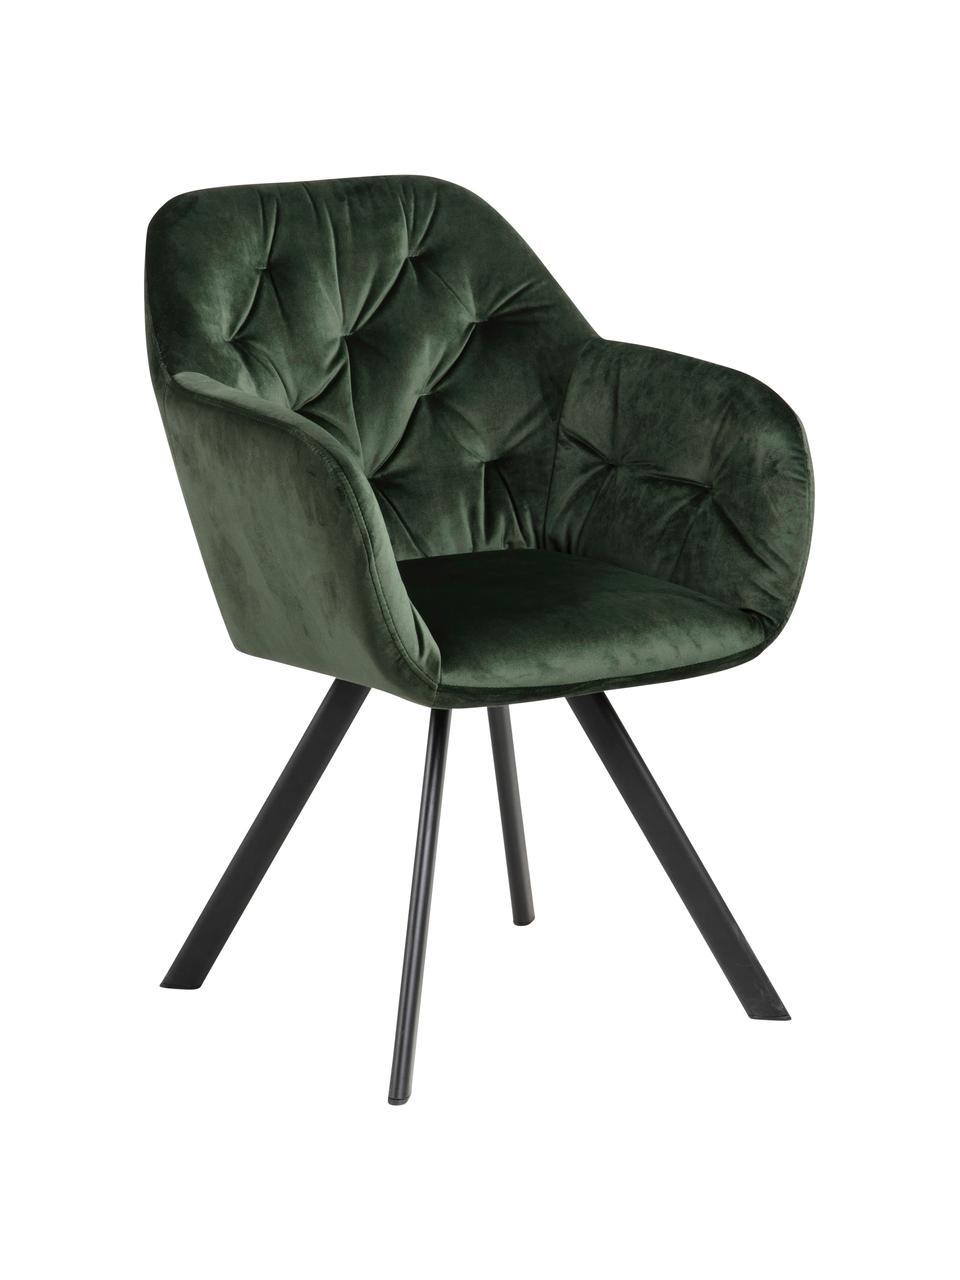 Krzesło z podłokietnikami z aksamitu Lucie, obrotowe, Tapicerka: aksamit poliestrowy Dzięk, Nogi: metal malowany proszkowo, Aksamit leśny zielony, czarny, S 58 x G 62 cm